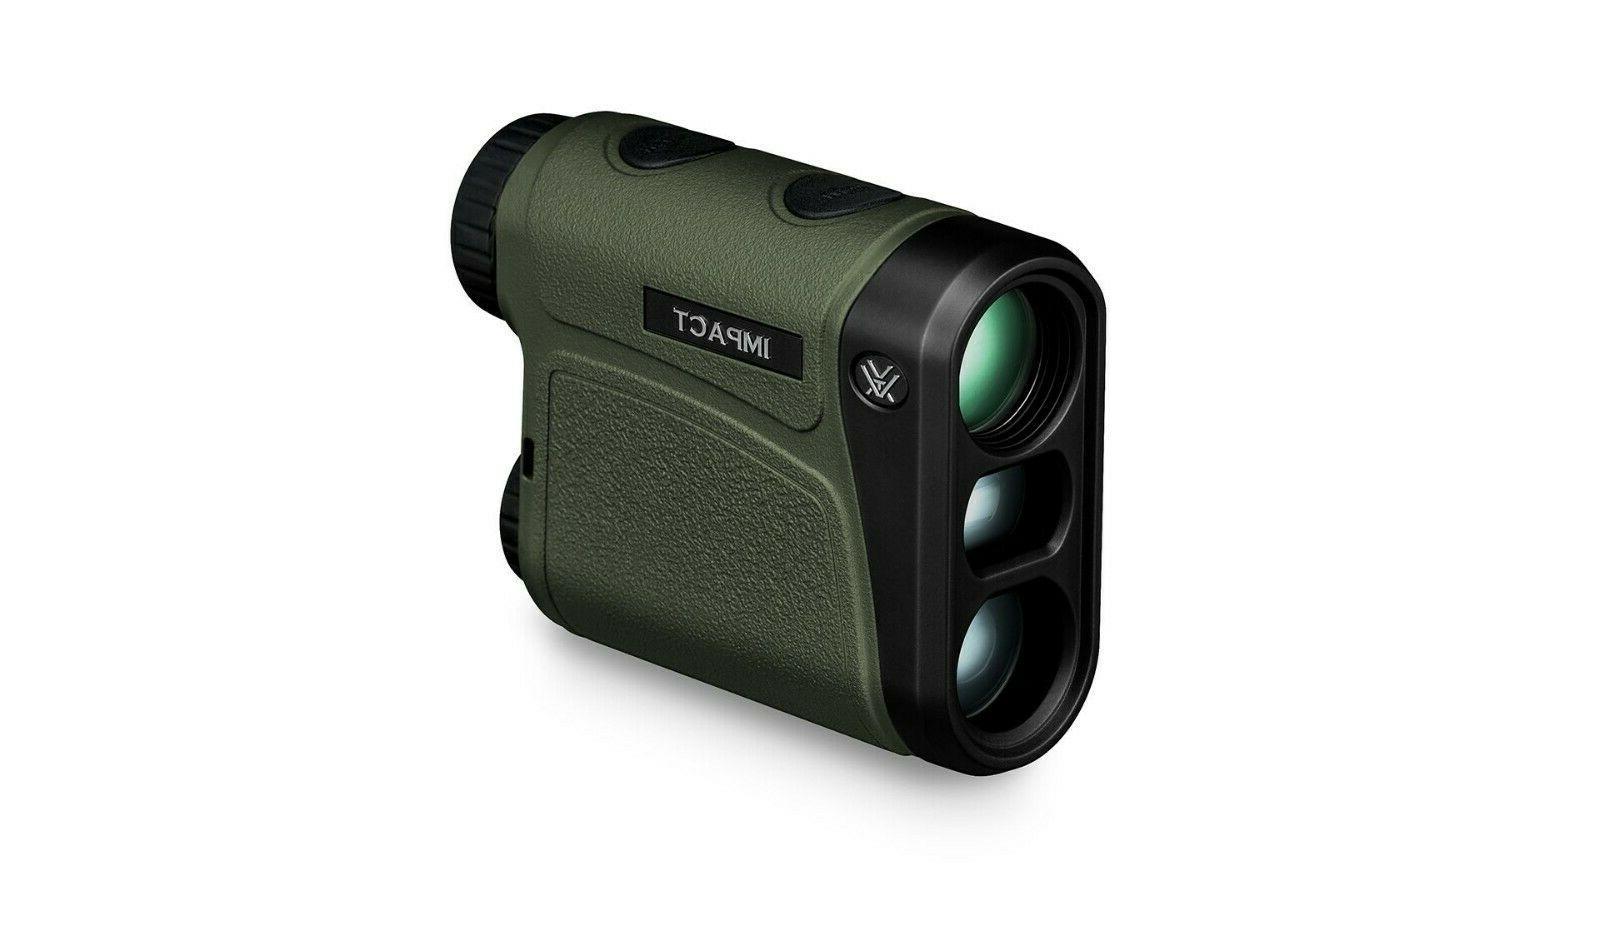 Vortex Optics LRF100 850 Rangefinder w/ Vortex cap